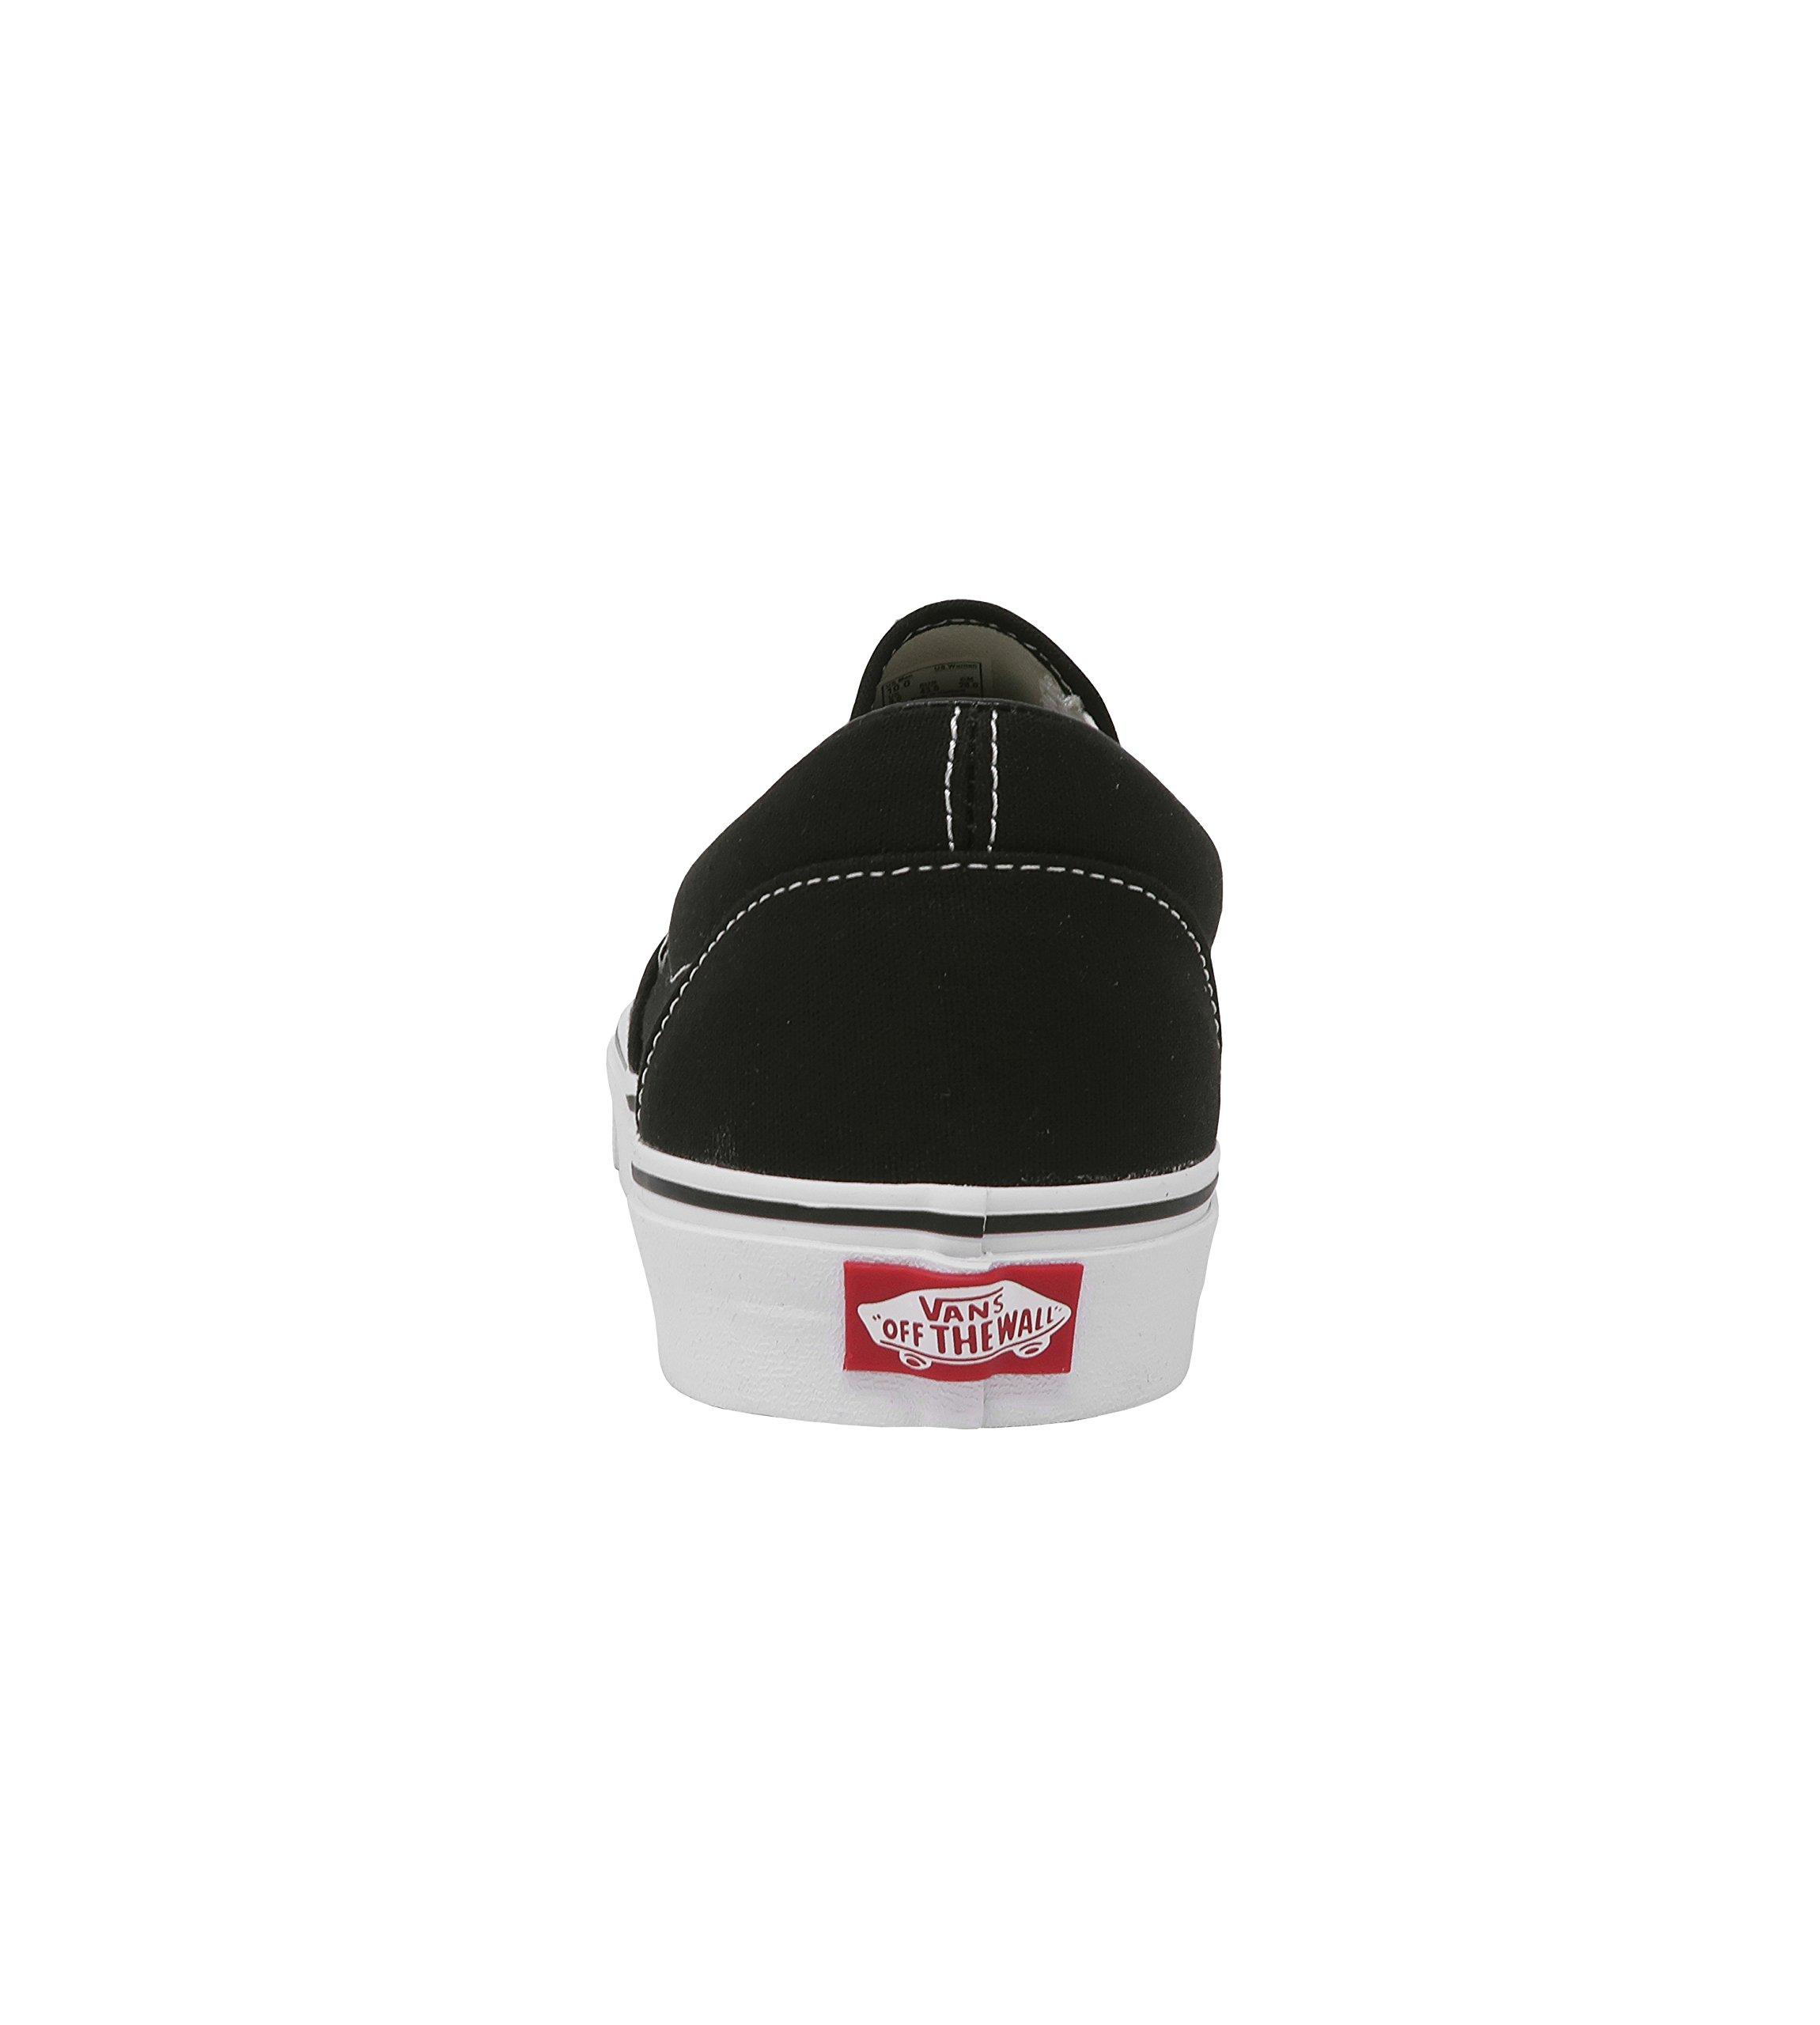 Vans U Classic Slip-On Skate Shoe Black 9.5 D(M) US by Vans (Image #5)